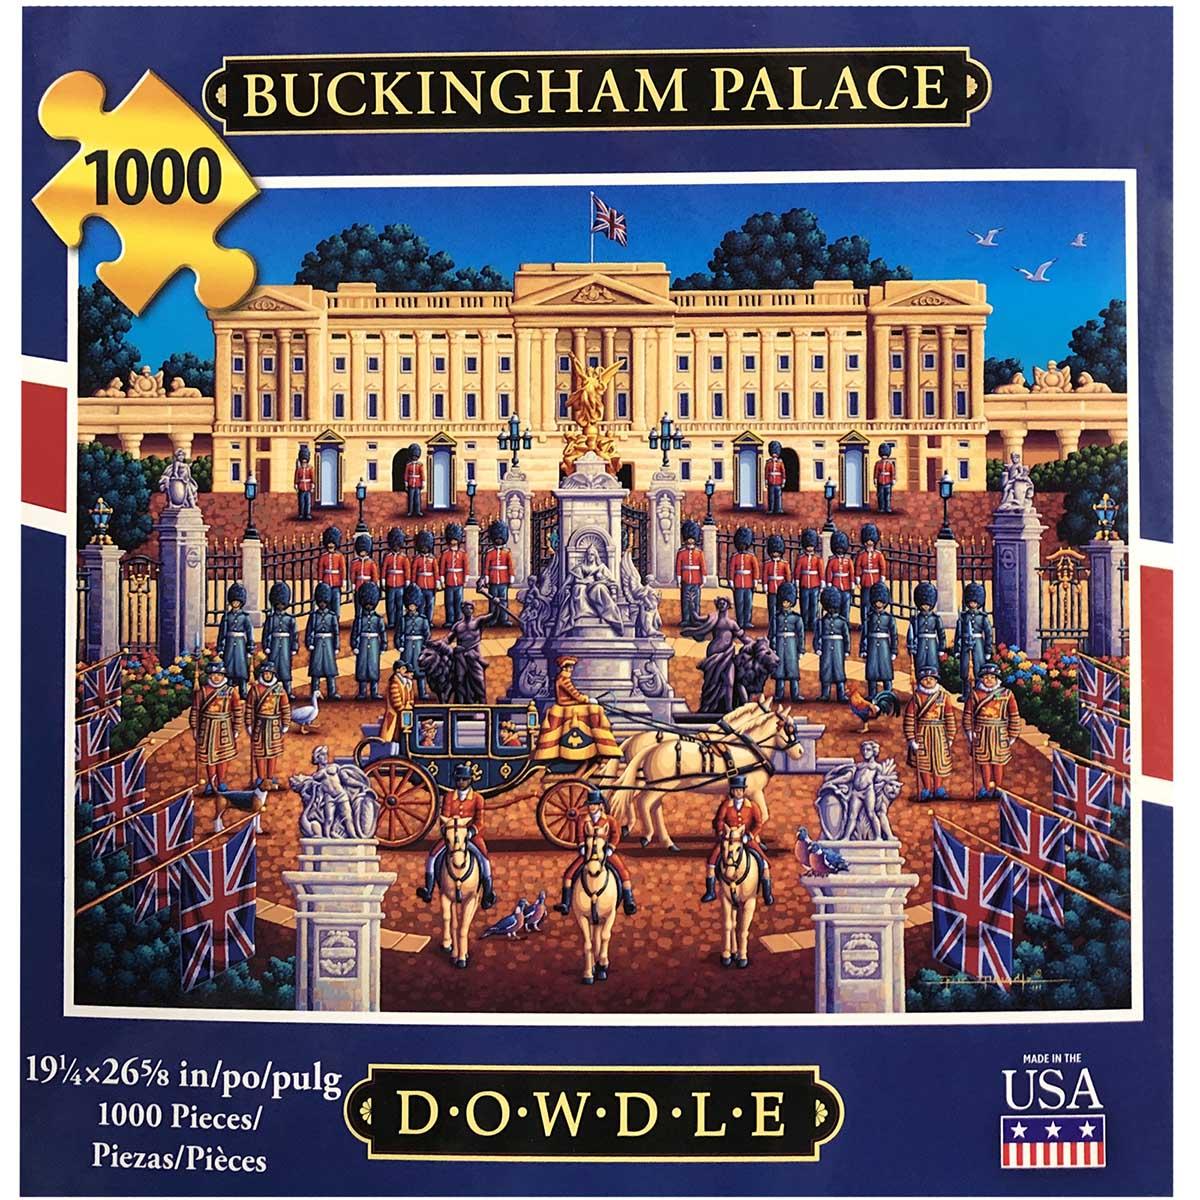 Buckingham Palace Landmarks / Monuments Jigsaw Puzzle